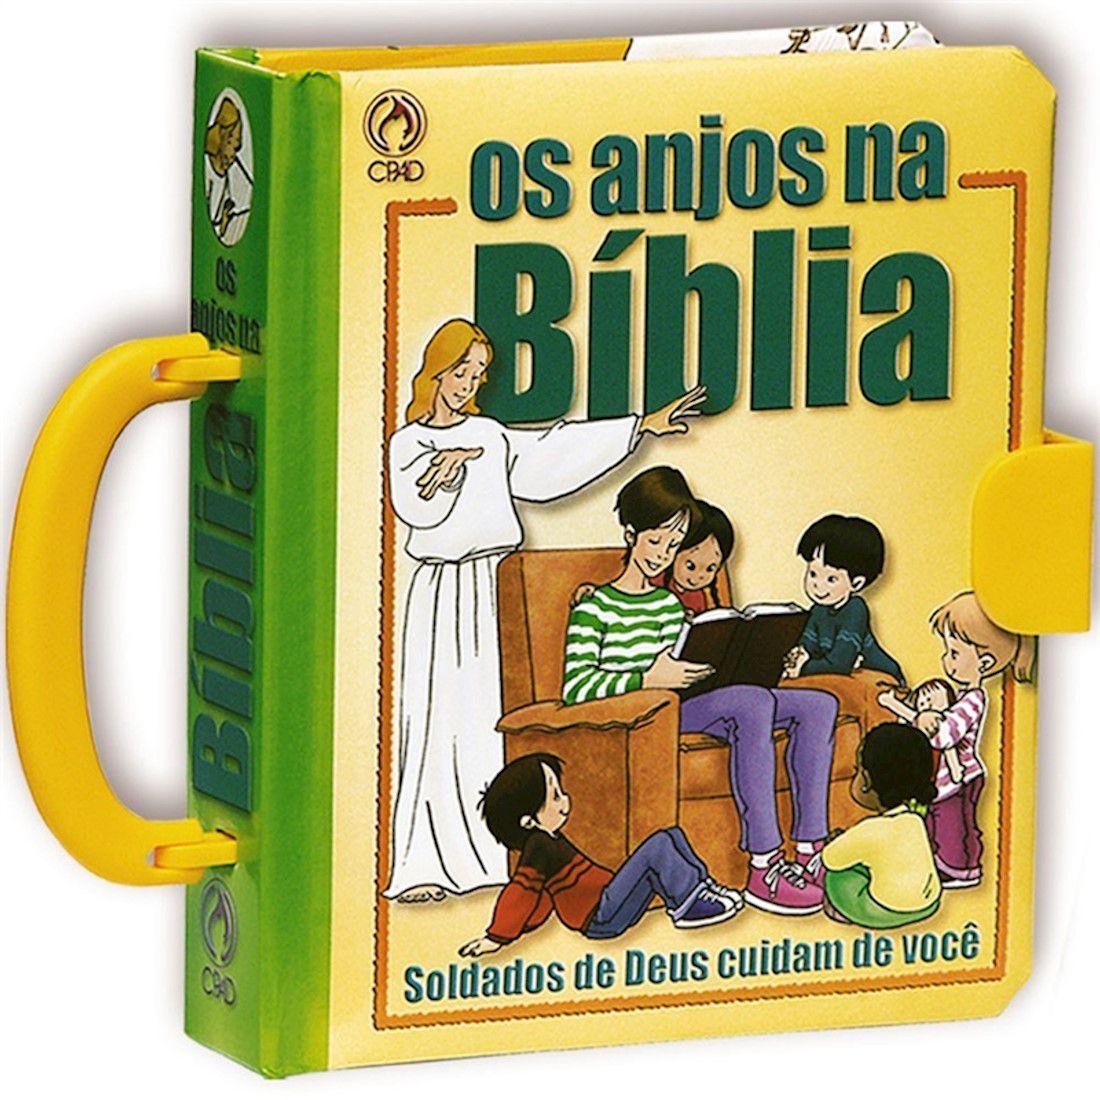 Livro Os Anjos na Bíblia